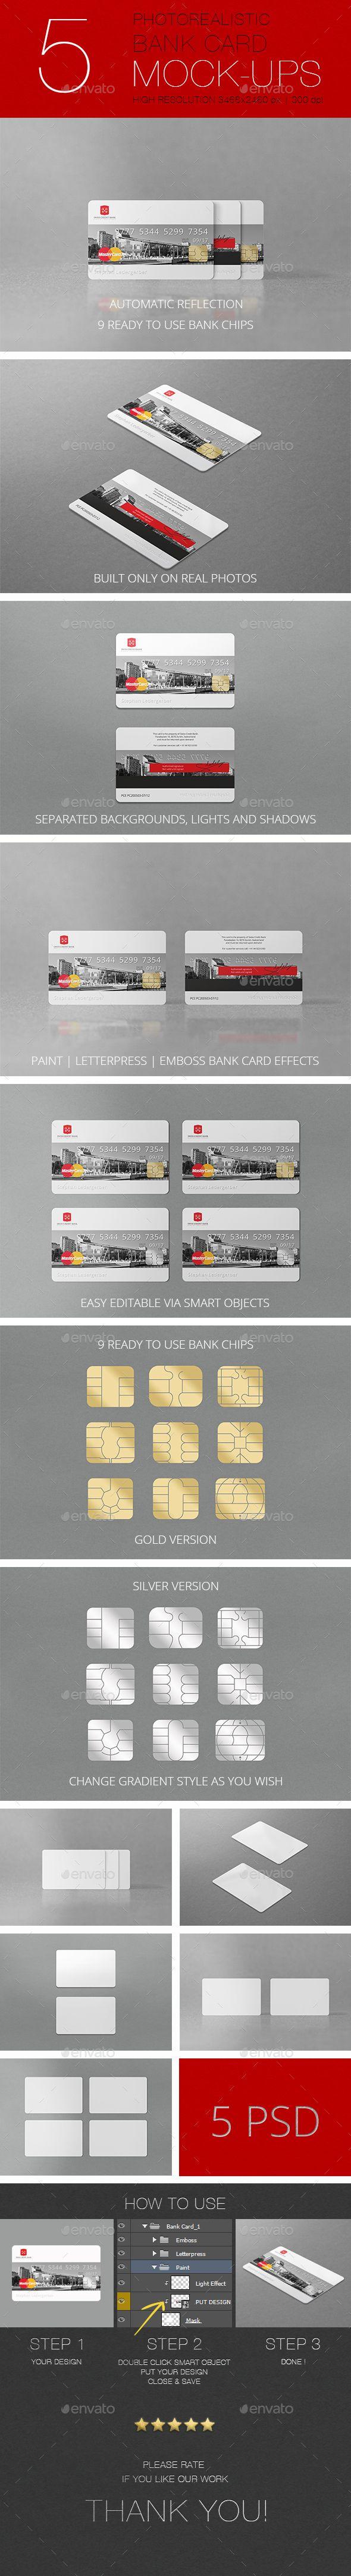 53 best visa card images on pinterest